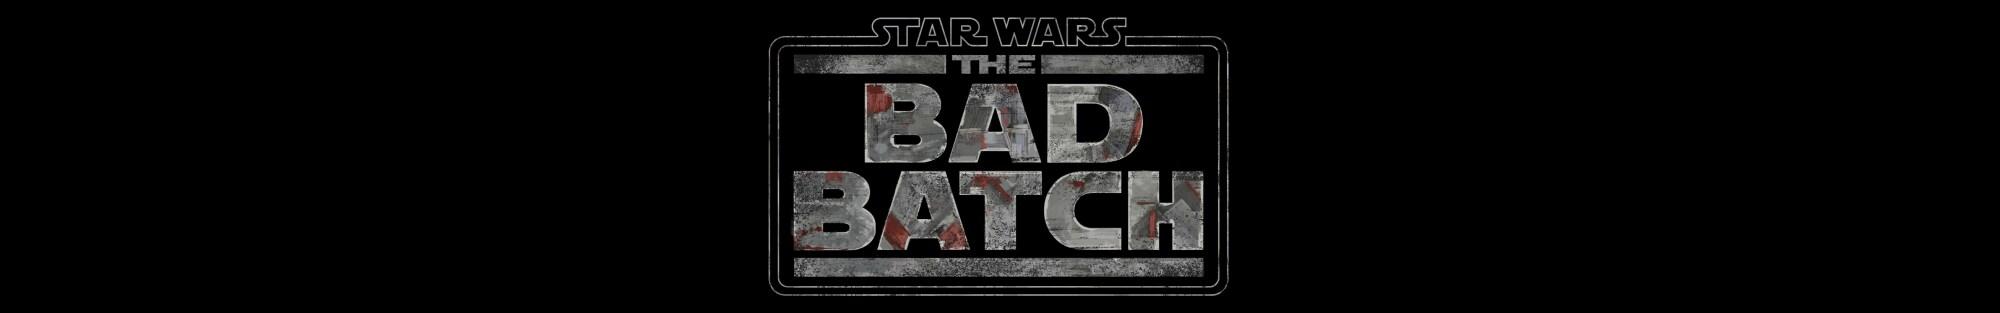 Star Wars: The Bad Batch I Estreno 4 de mayo | Solo en Disney+